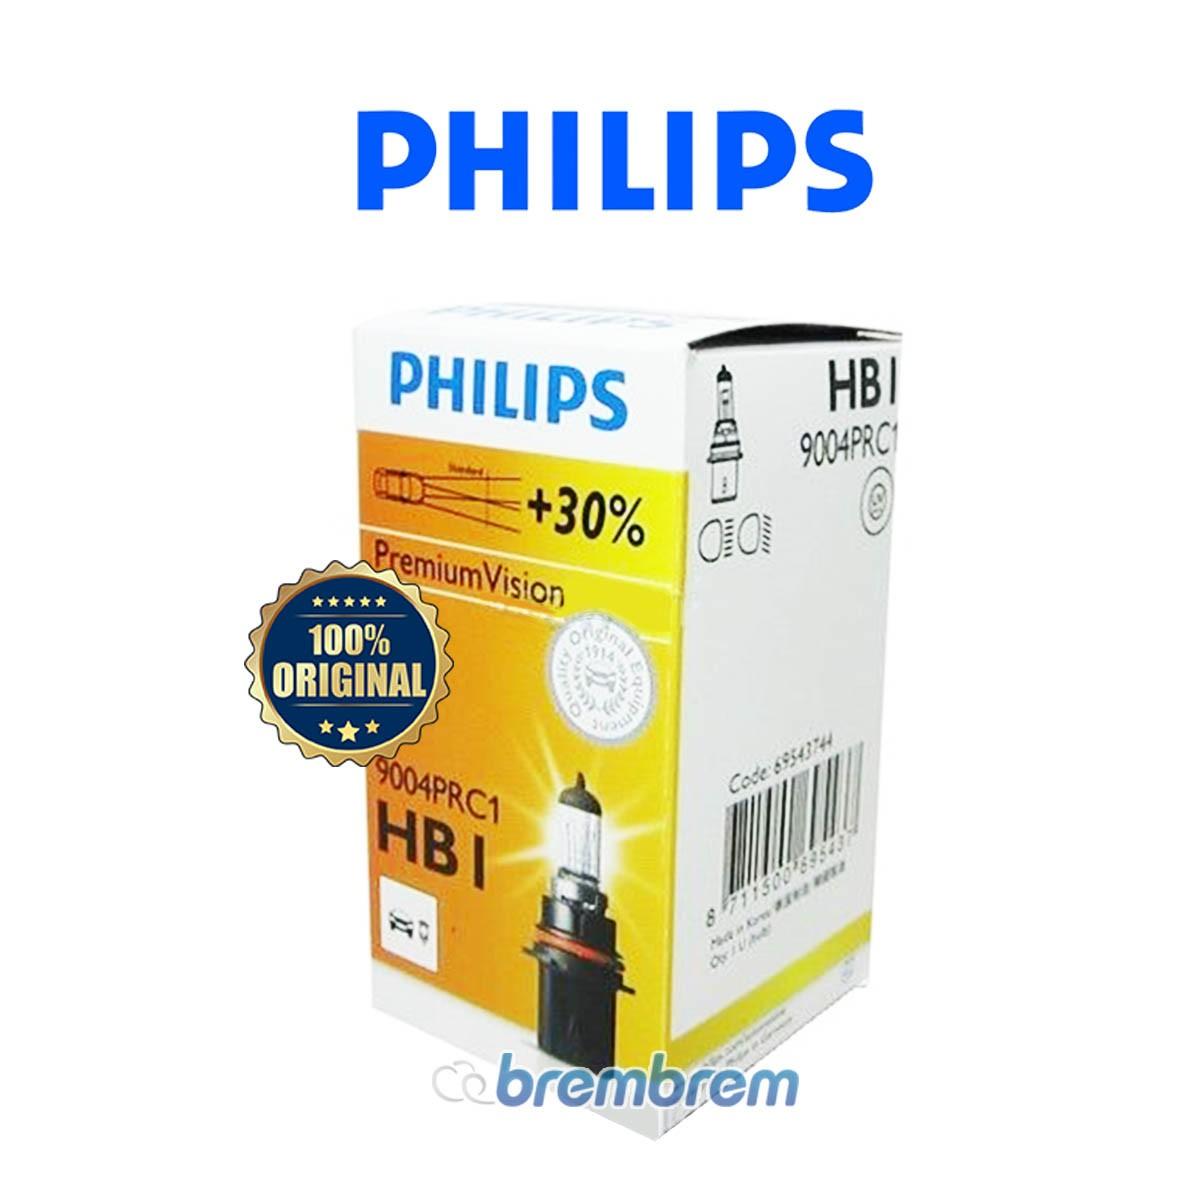 PHILIPS PREMIUM VISION HB1 - LAMPU HALOGEN